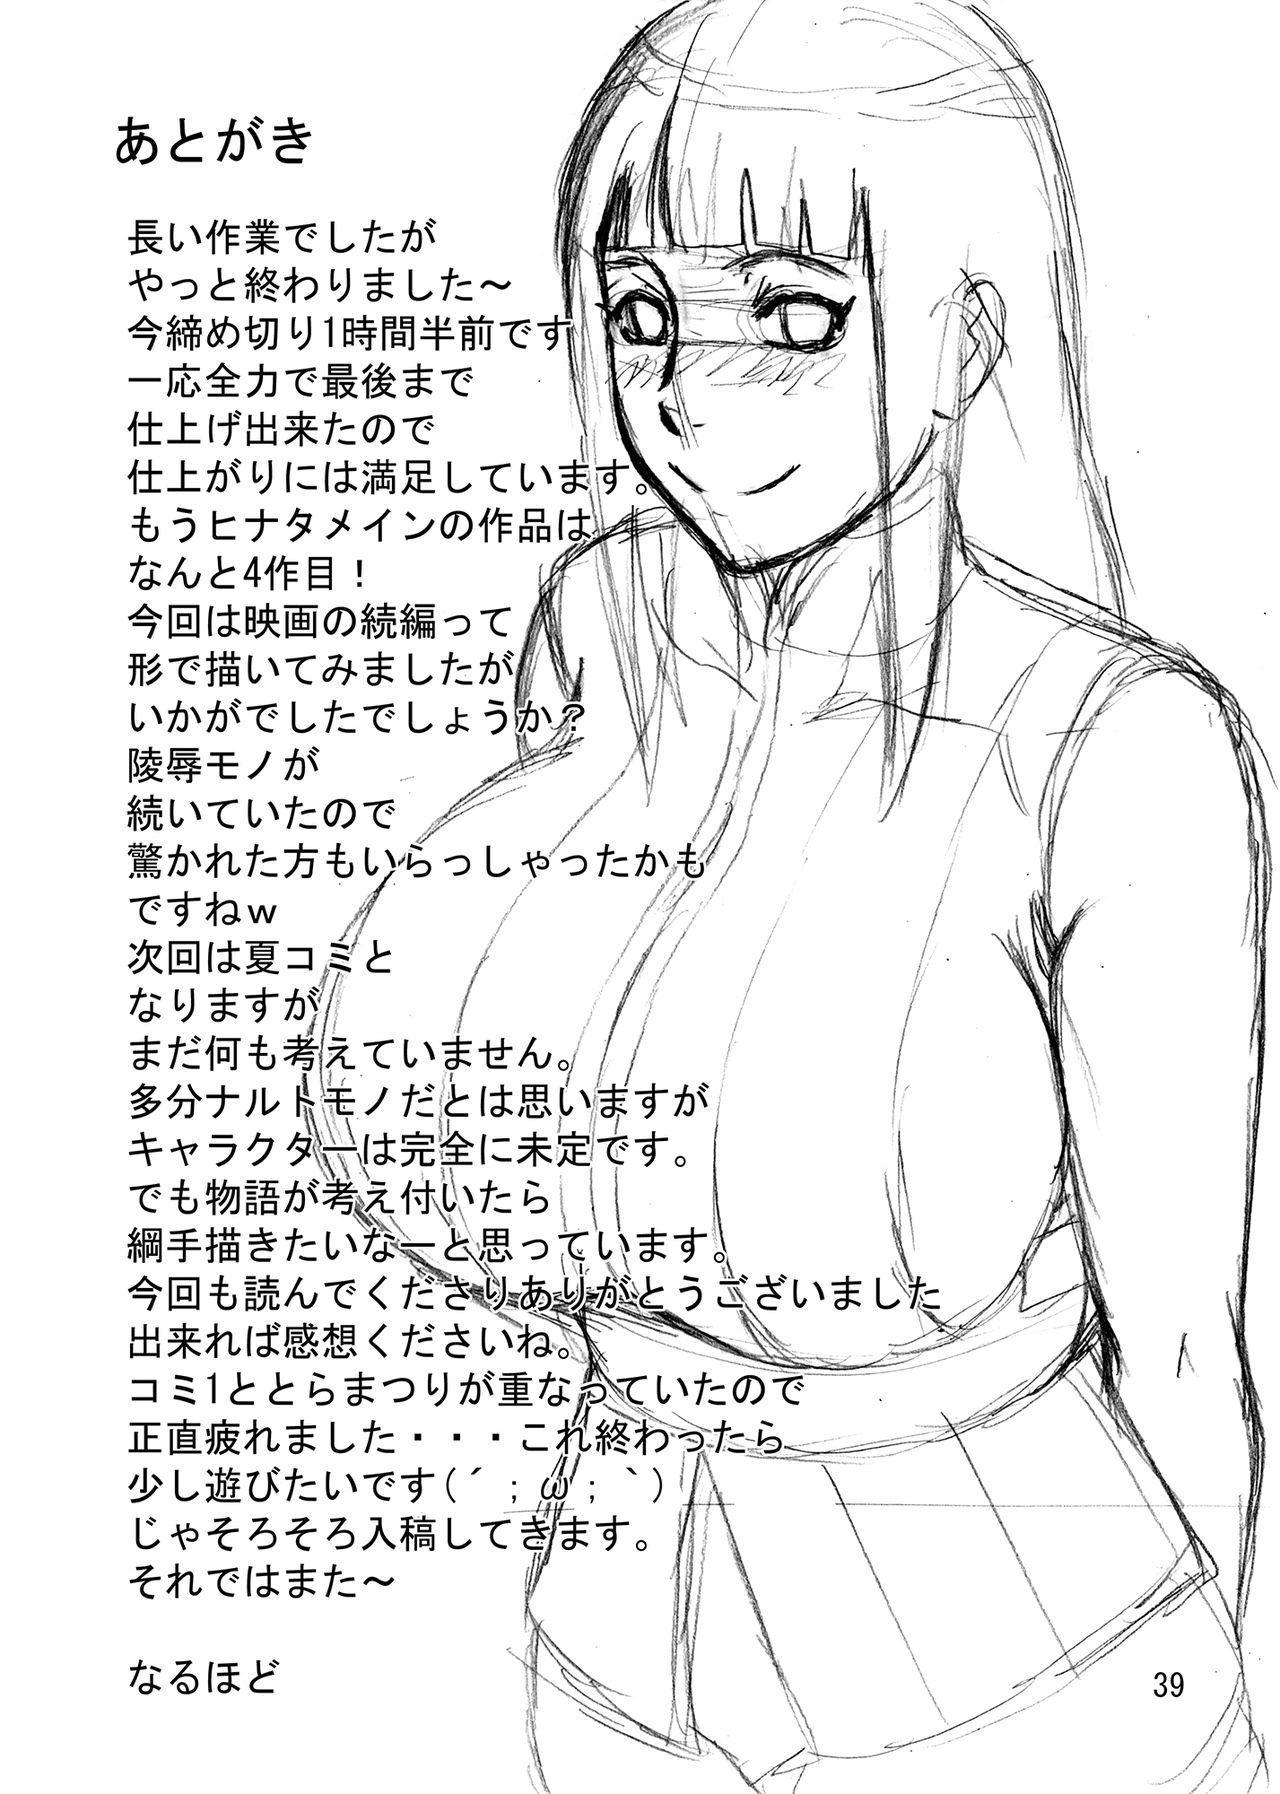 NaruHina 39